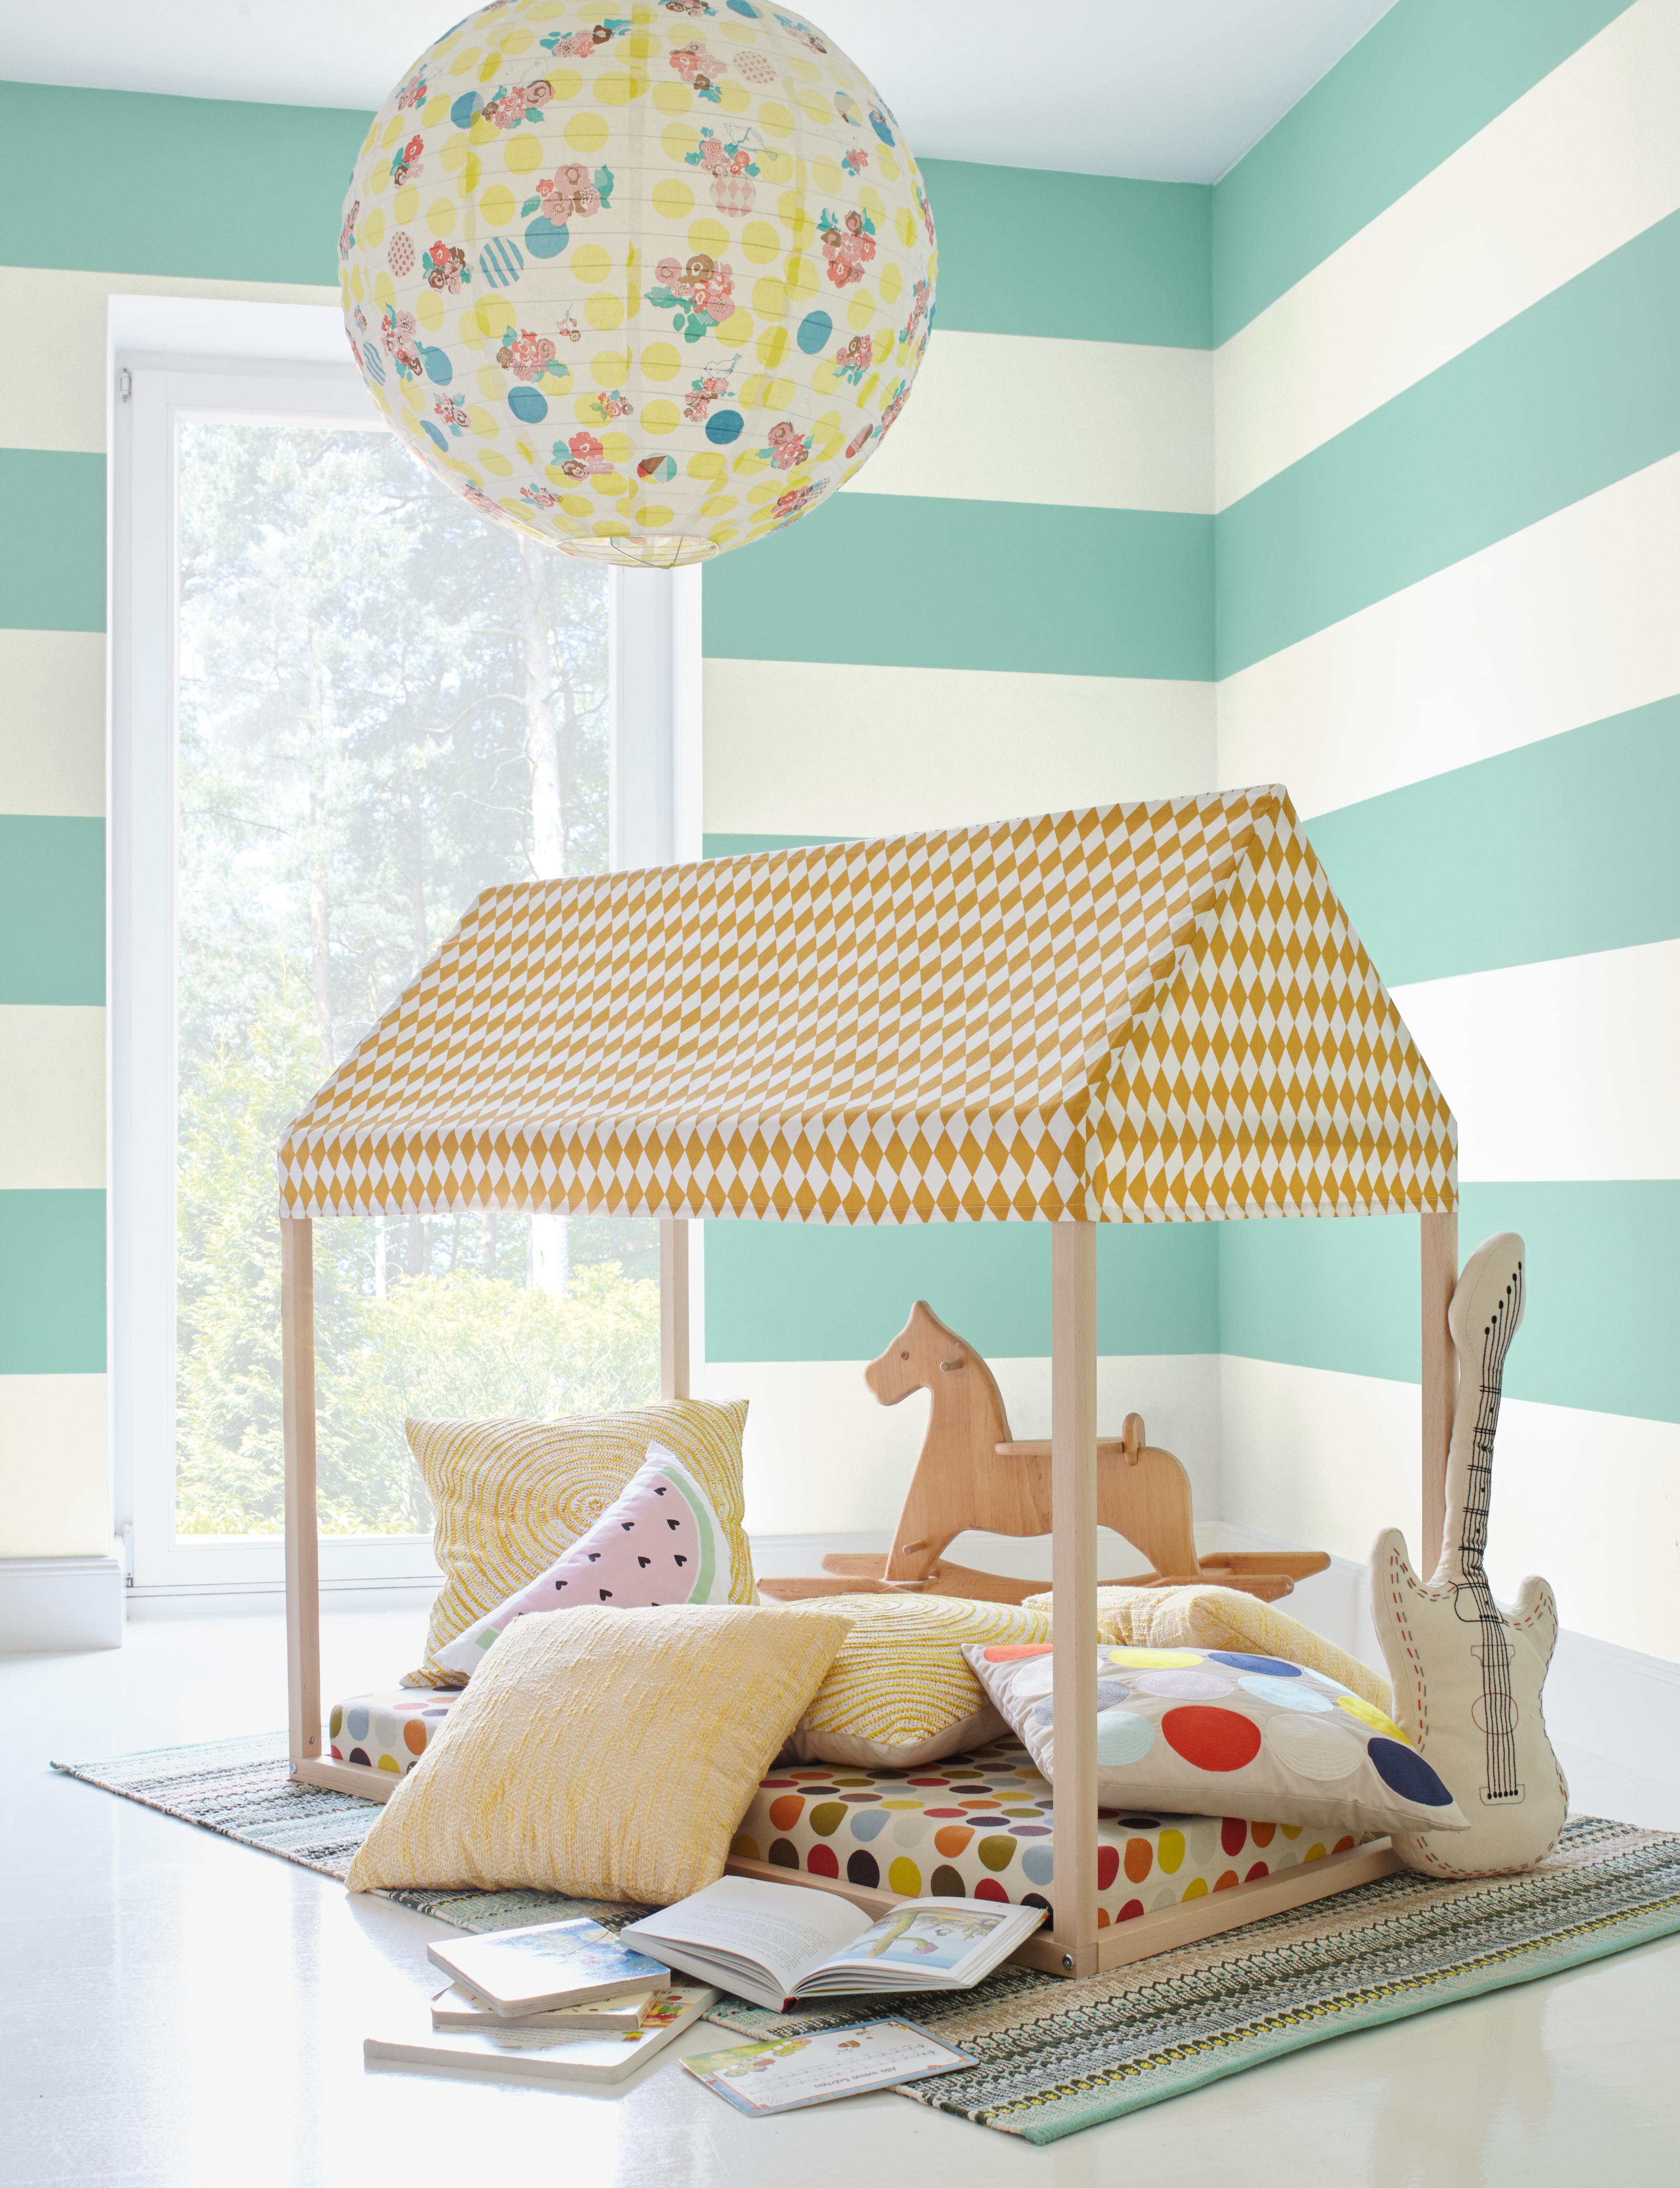 Kinderzimmer für Kleinkinder gestalten und einrichten.